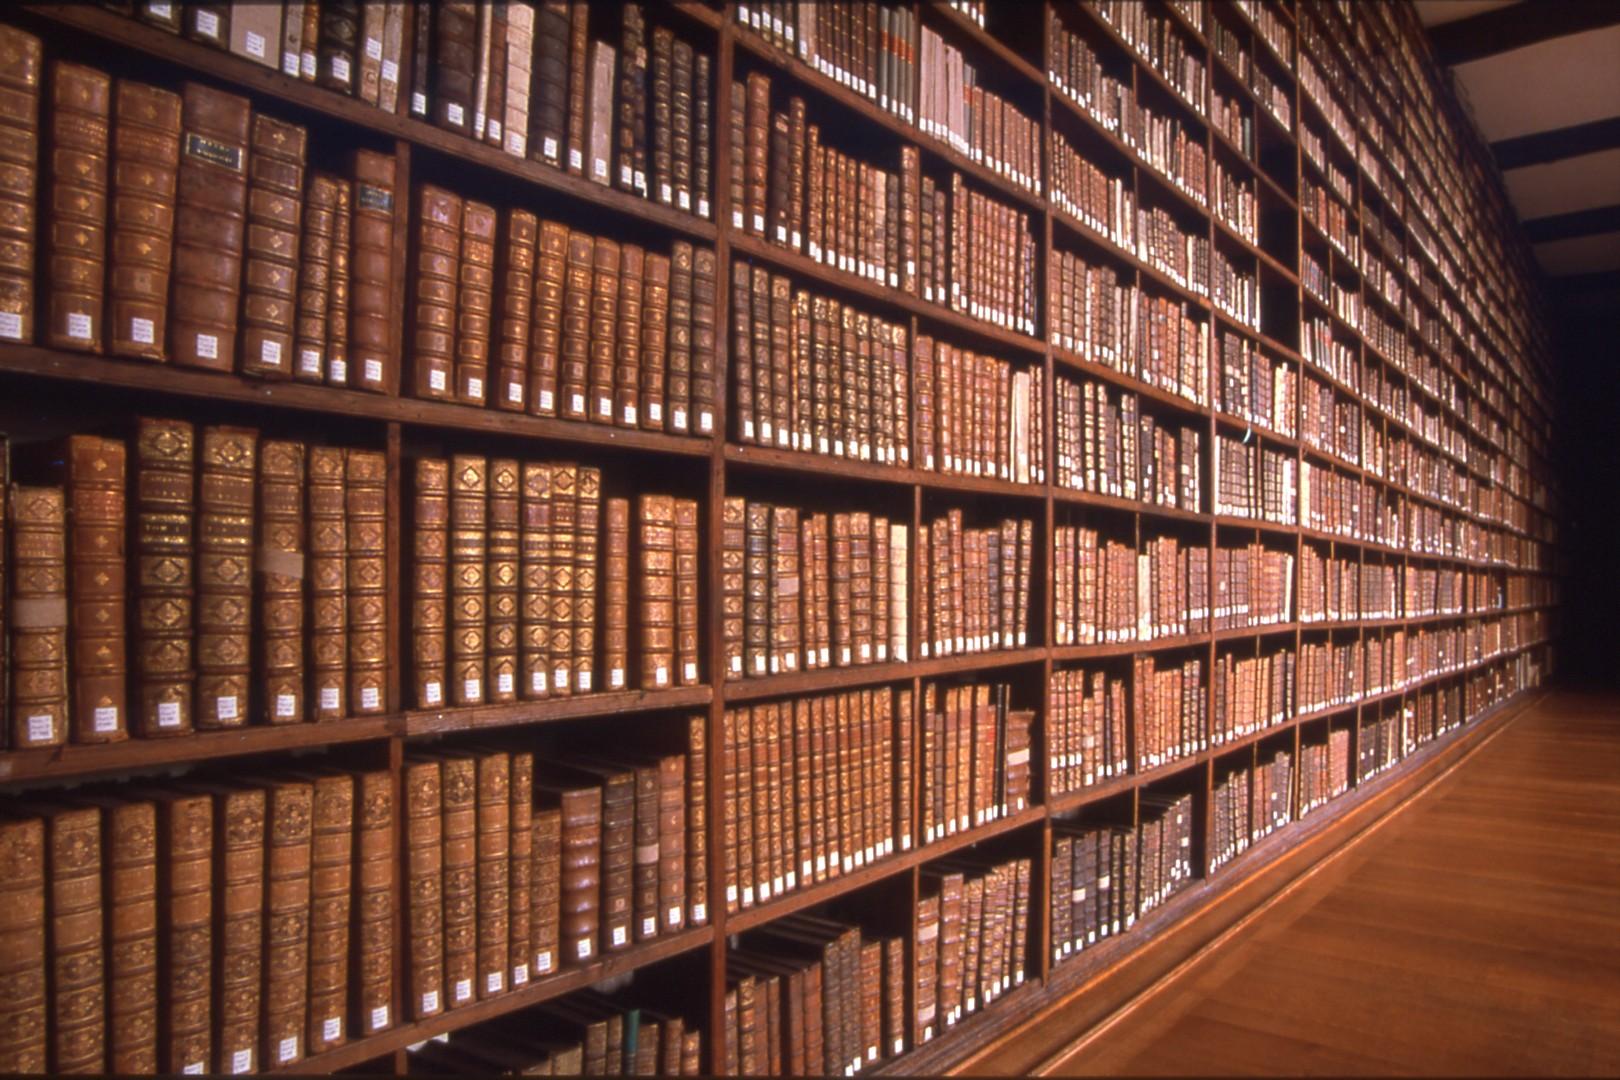 La bibliothèque a brulé : « les livres sont devenus orphelins » Dr Abdoulaye Diallo